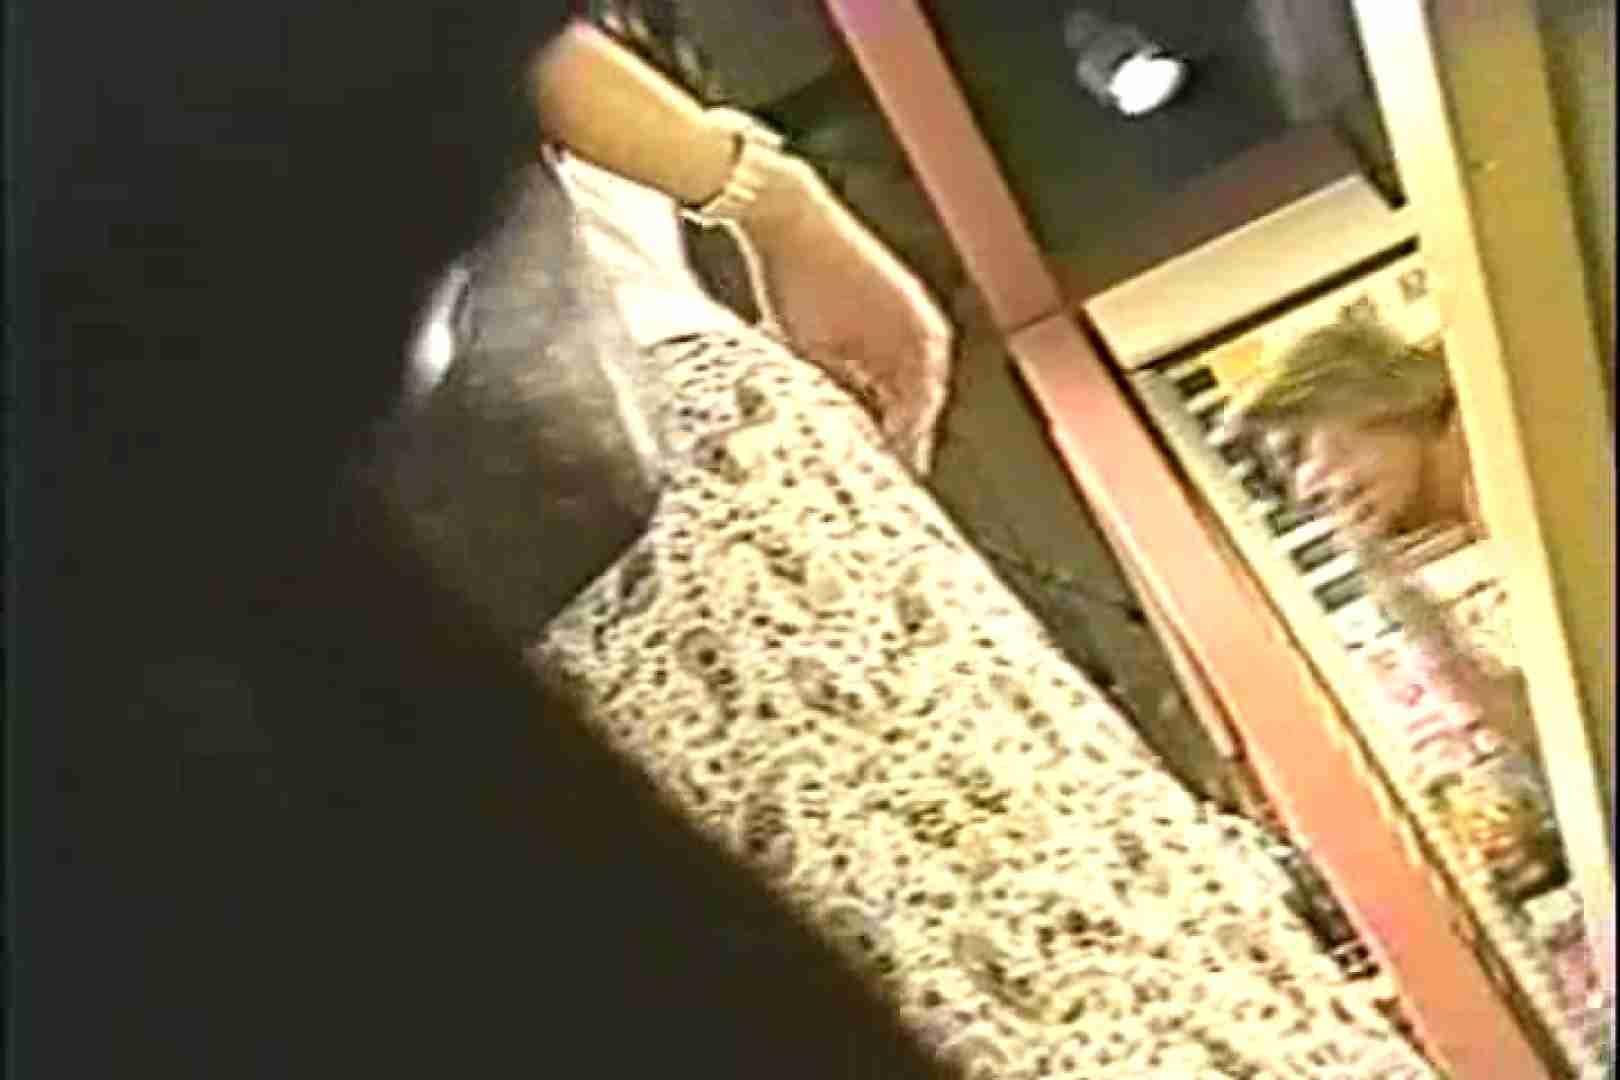 「ちくりん」さんのオリジナル未編集パンチラVol.3_02 チラ見え画像 われめAV動画紹介 65連発 2